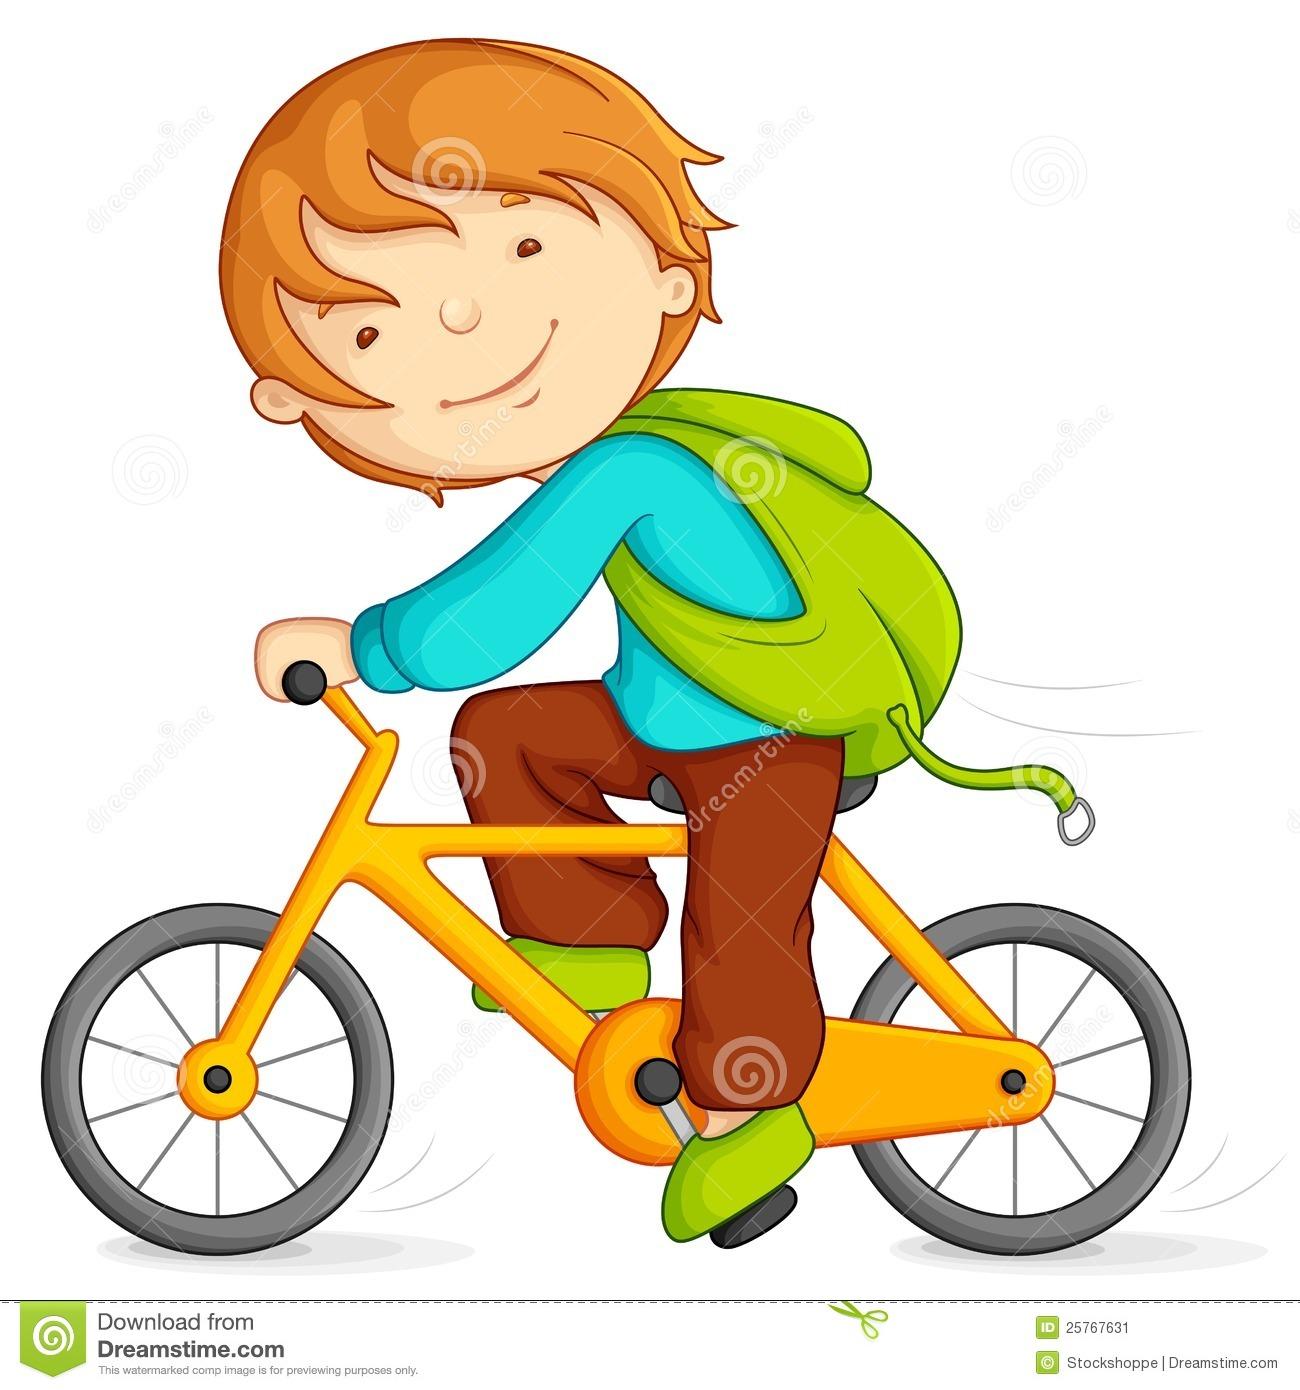 Boy clipart lad Clipart Clipart Art ride%20clipart Clip